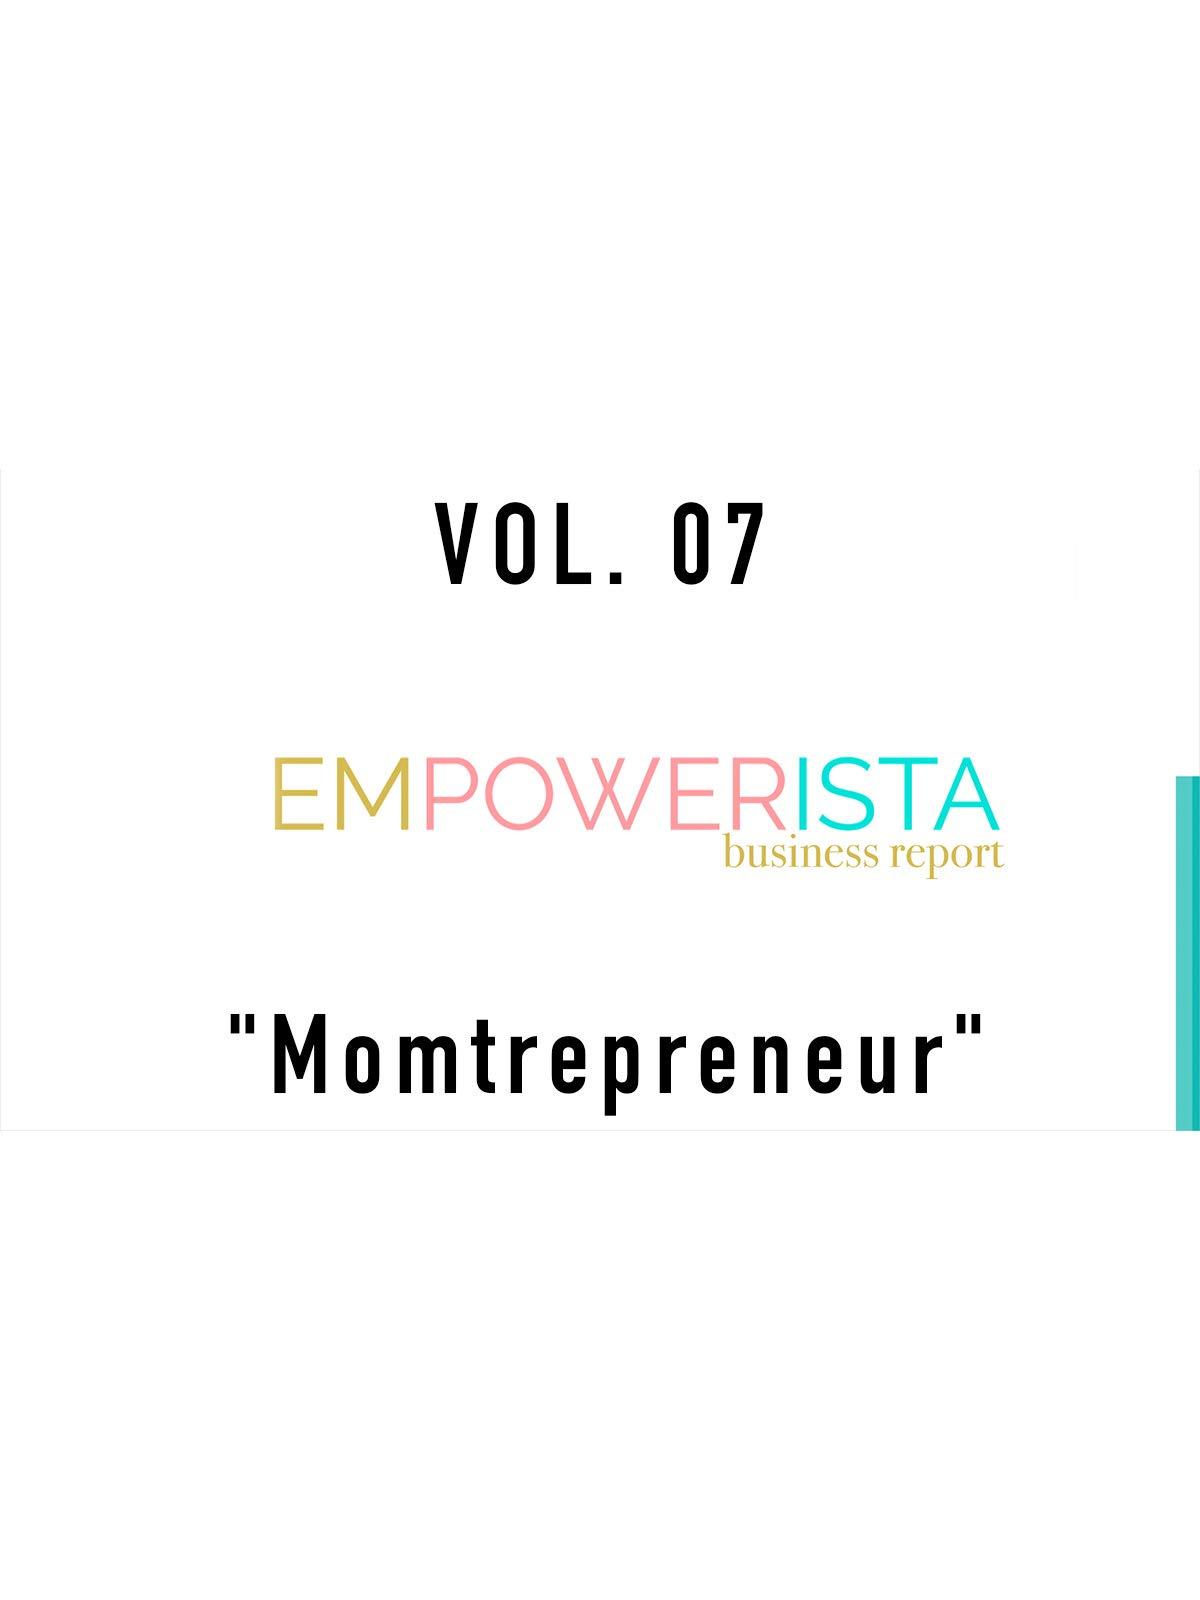 Empowerista Vol. 07